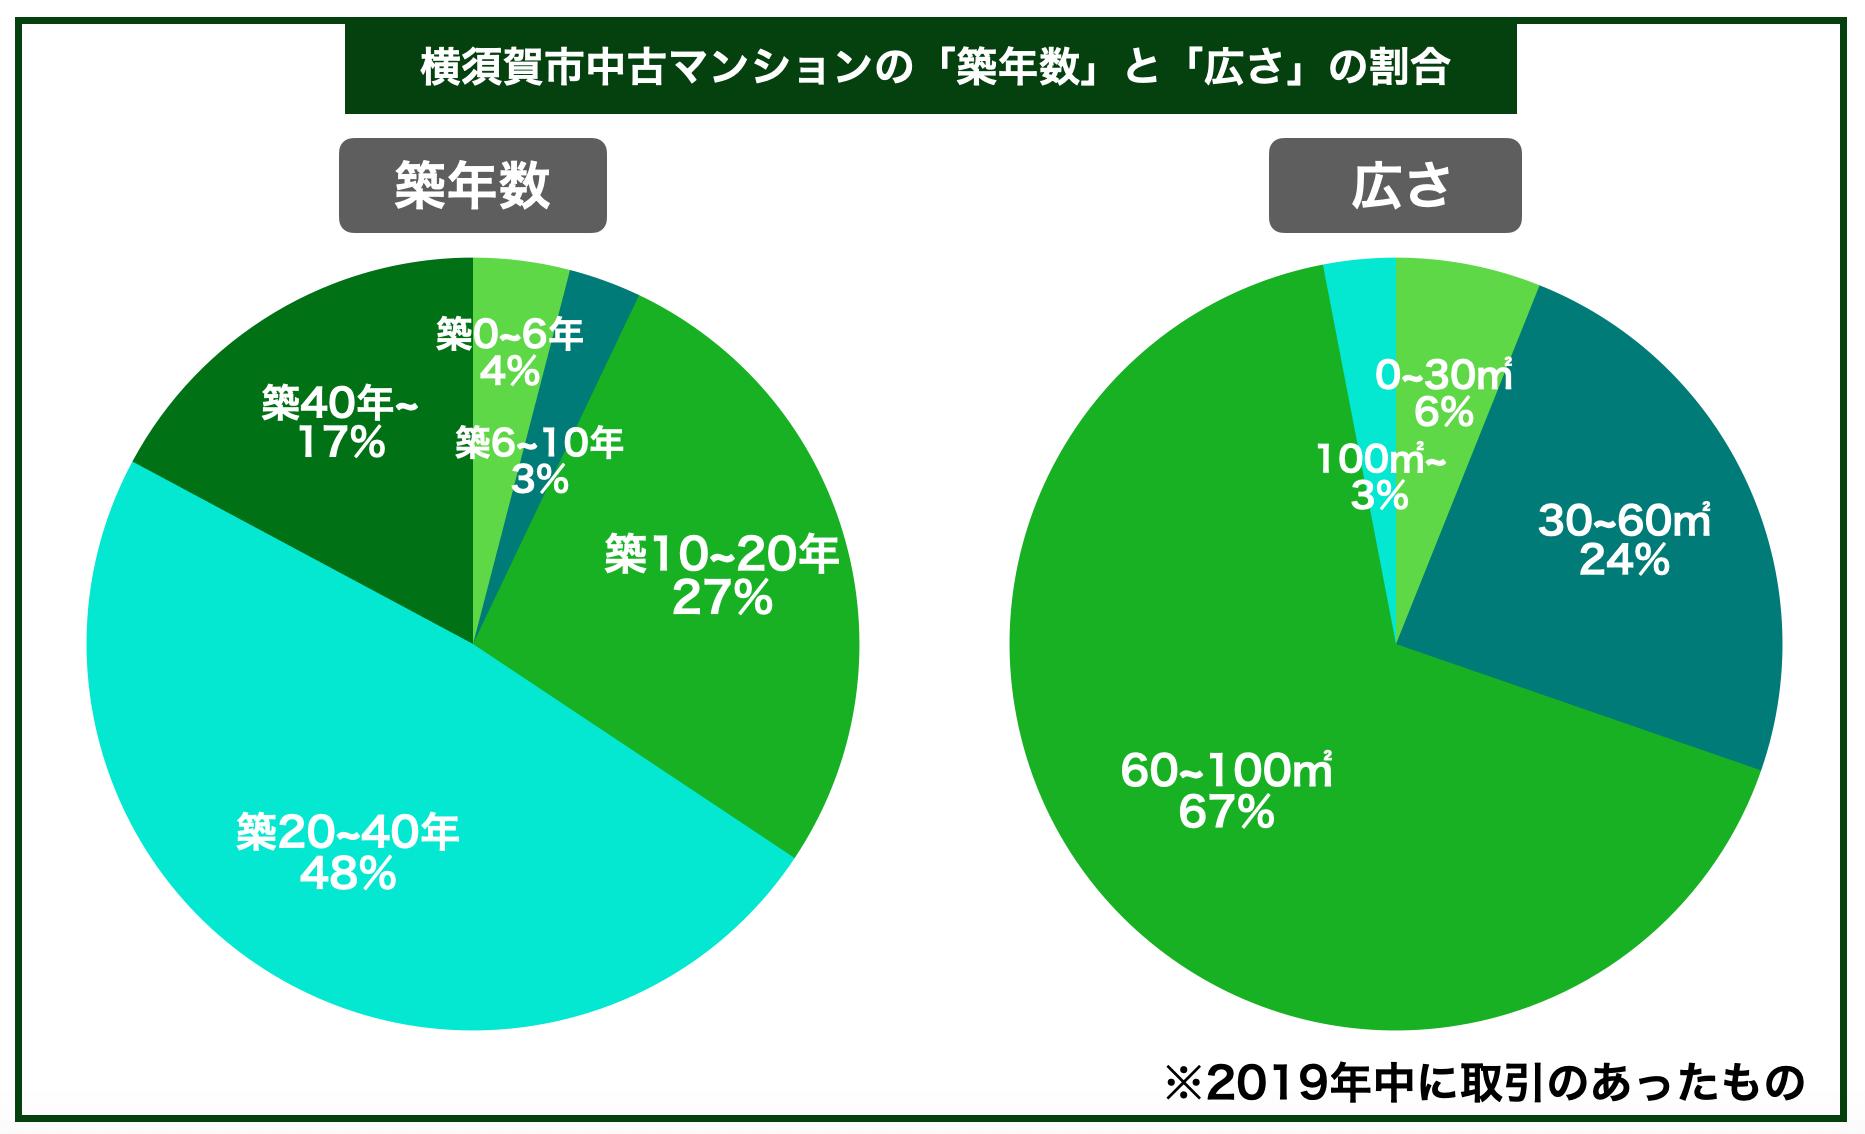 横須賀市中古マンション築年数広さ割合